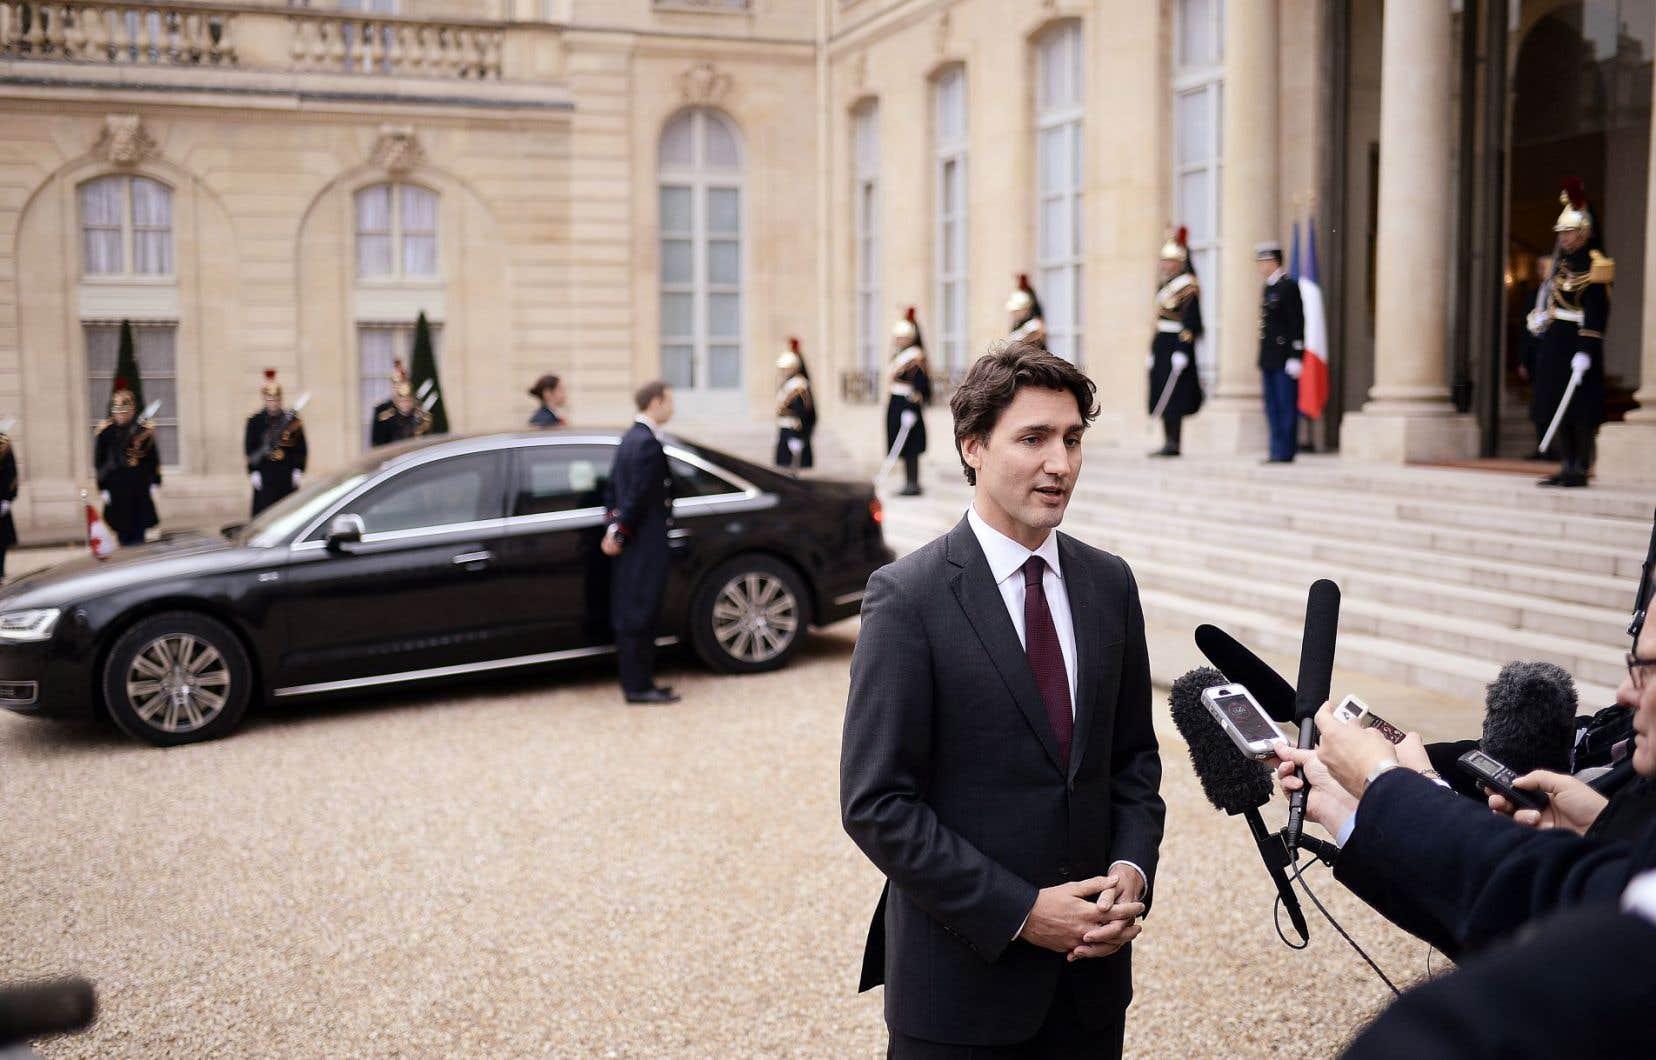 À Paris, en novembre 2015, le premier ministre Justin Trudeau a assuré ses homologues du monde entier que le Canada allait en faire davantage pour s'attaquer aux changements climatiques, sans pour autant s'engager sur un calendrier précis pour mettre son plan en œuvre.